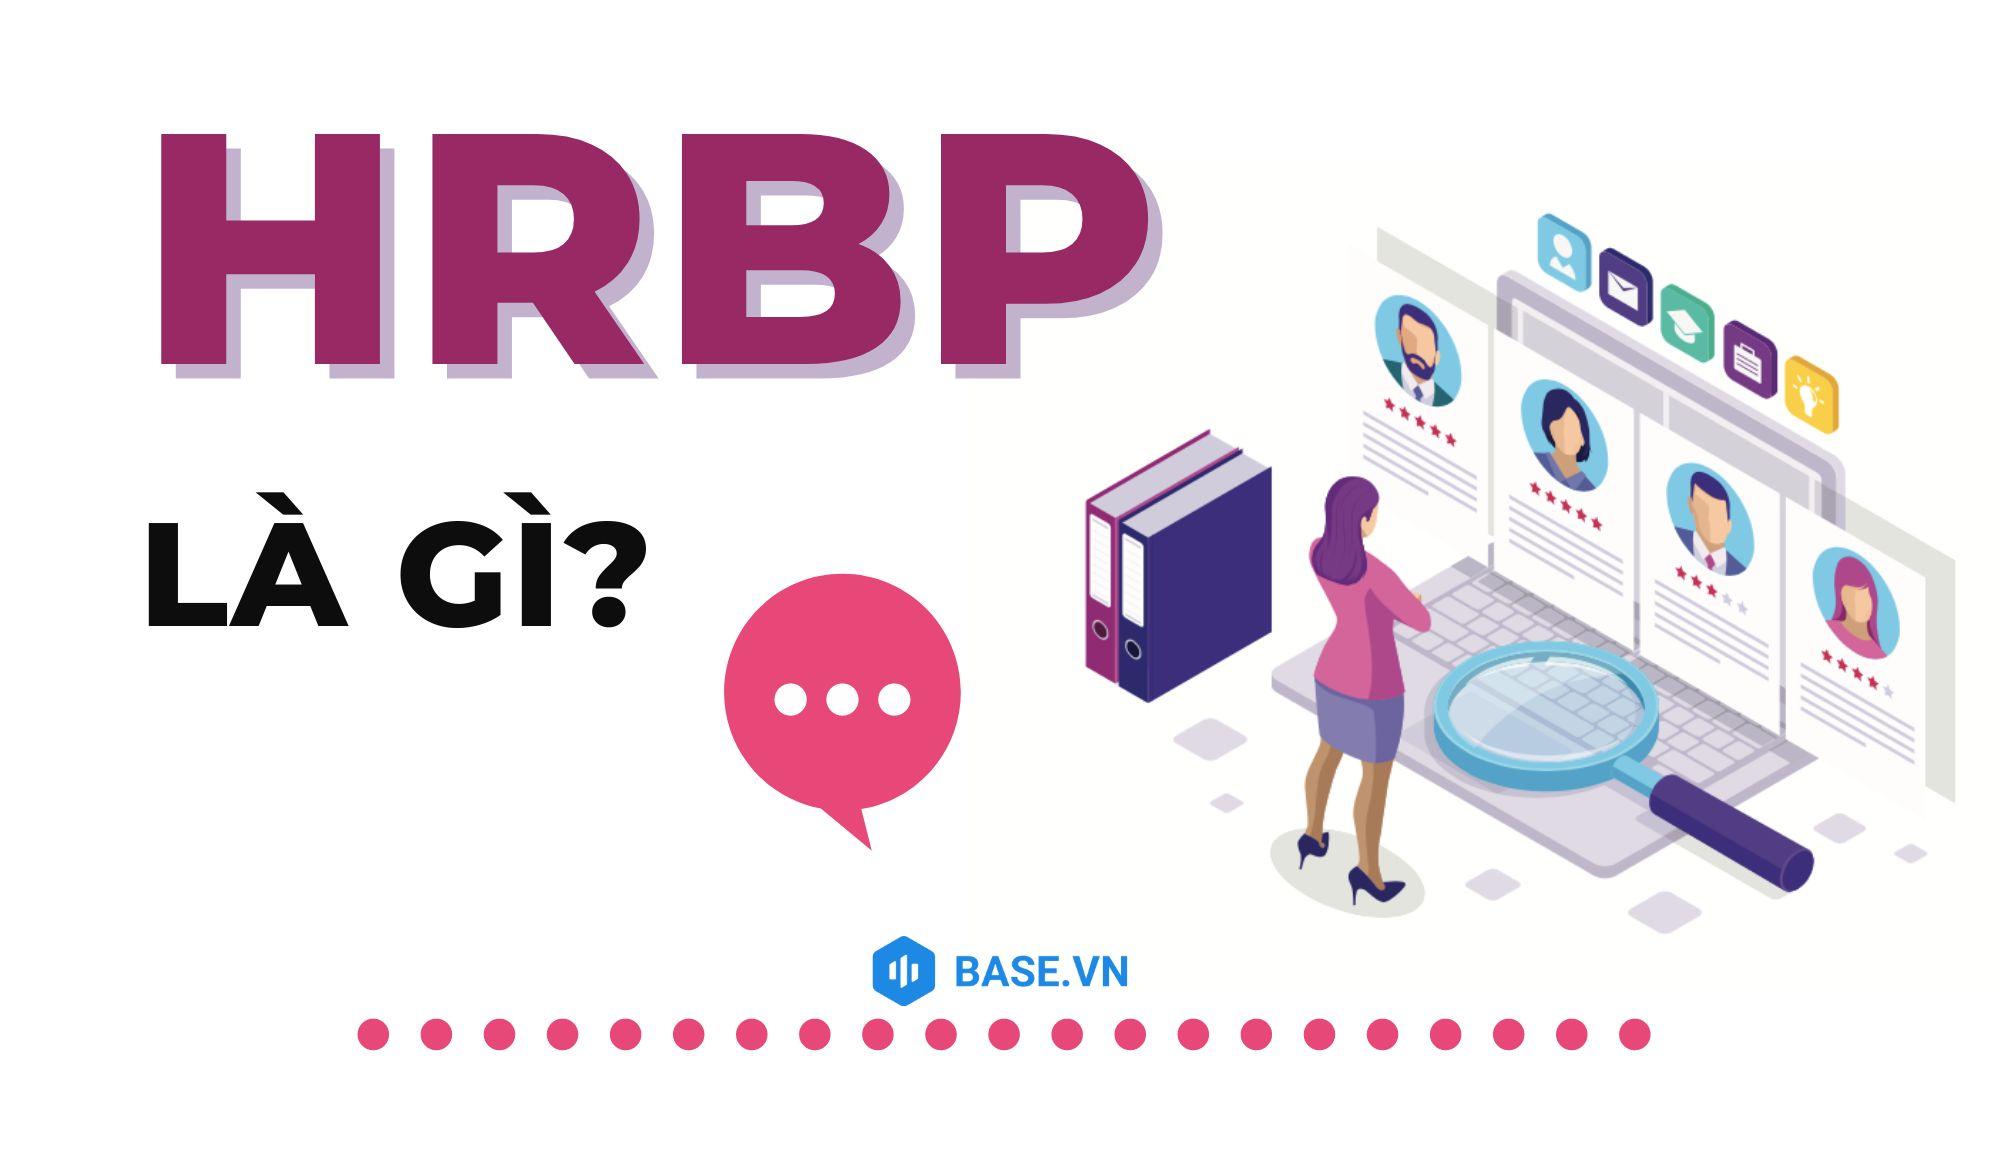 HRBP là gì? Tại sao doanh nghiệp bạn cần tới HRBP?